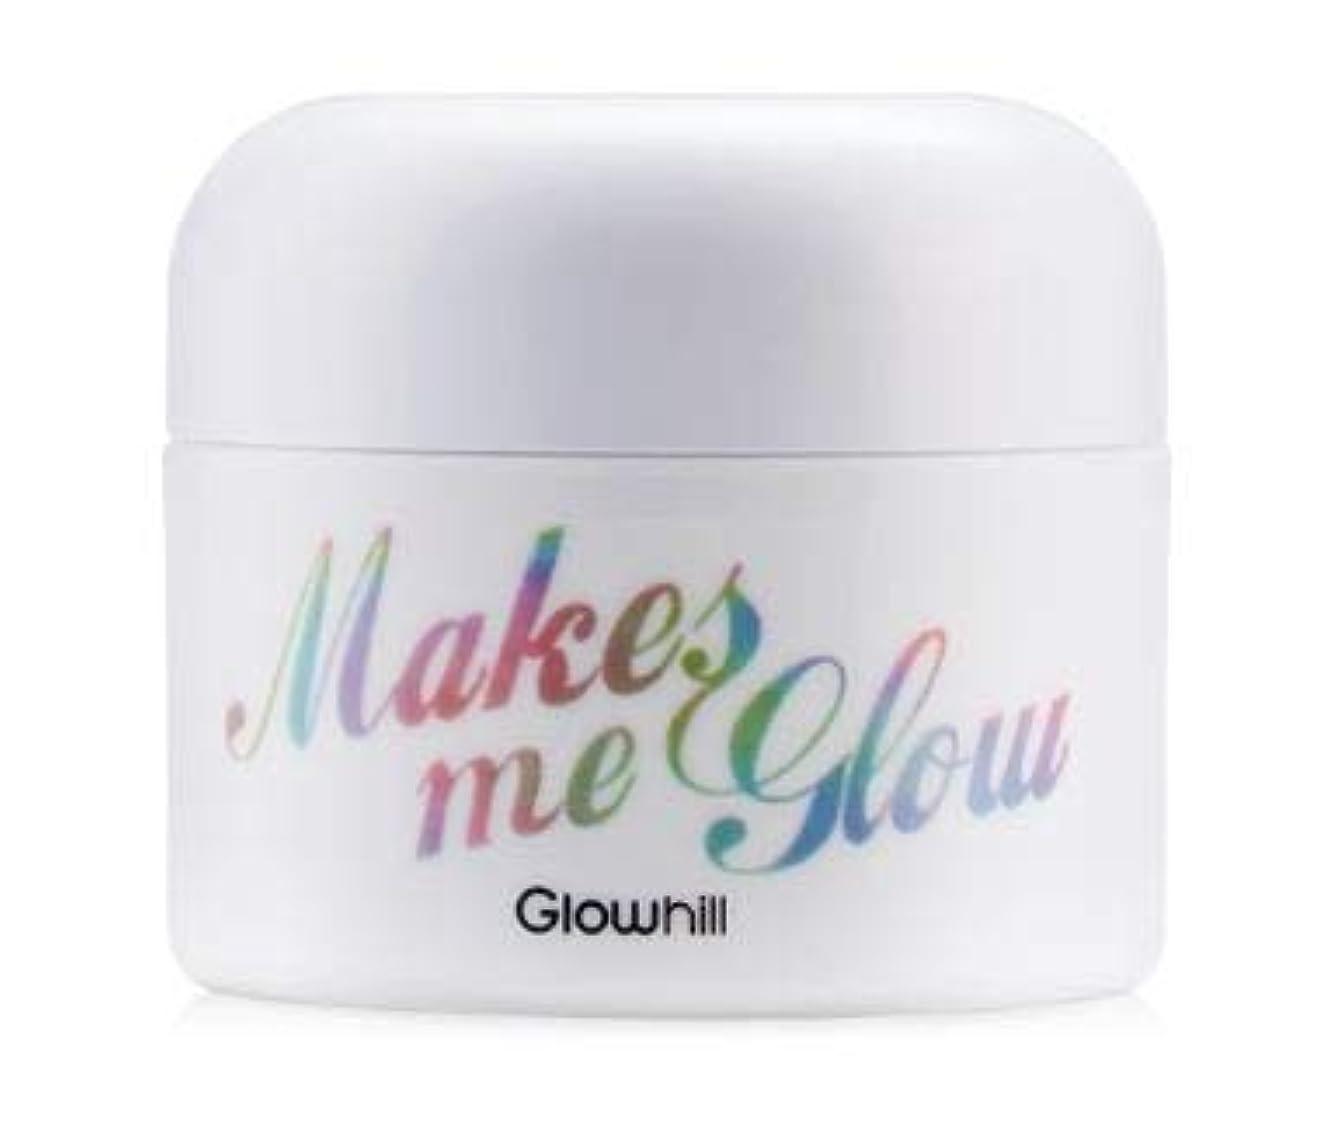 擬人化知らせる早く[Glowhill] Aurora Whitehole Glow Mask / [グローヒル] オーロラホワイトホールグローマスク [並行輸入品]